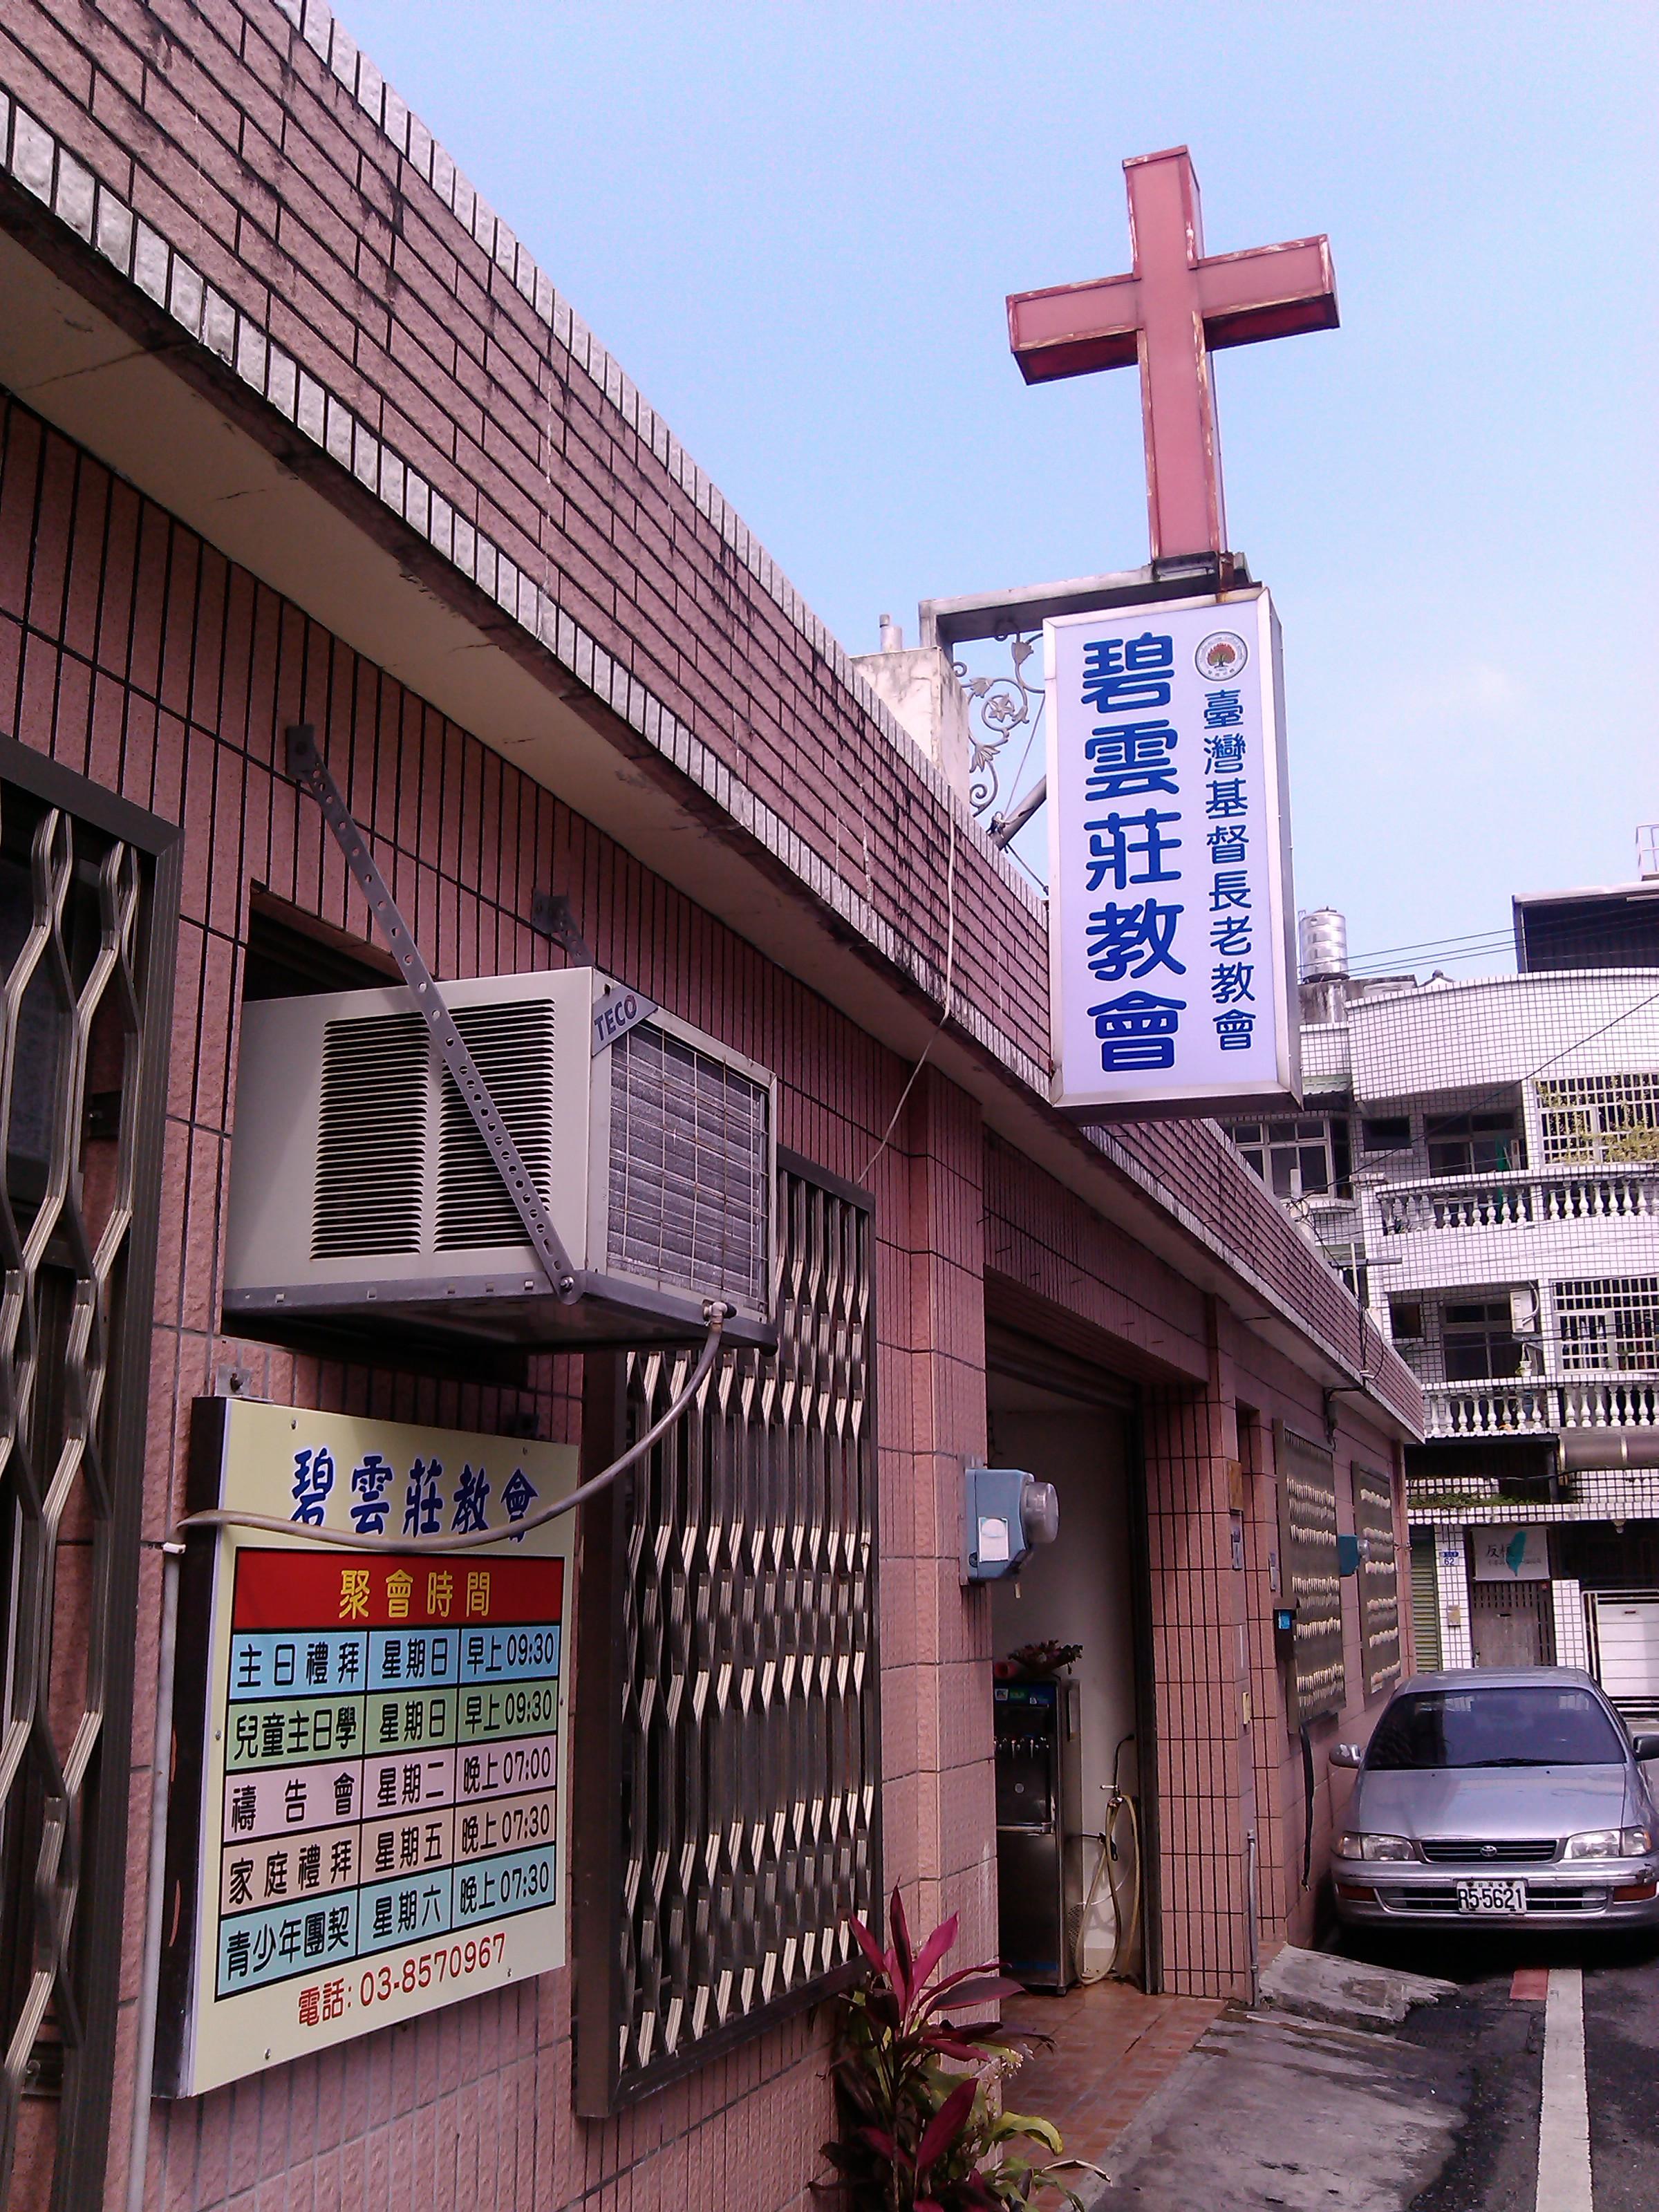 碧雲莊教會簡史 – 臺灣基督長老教會東部中會